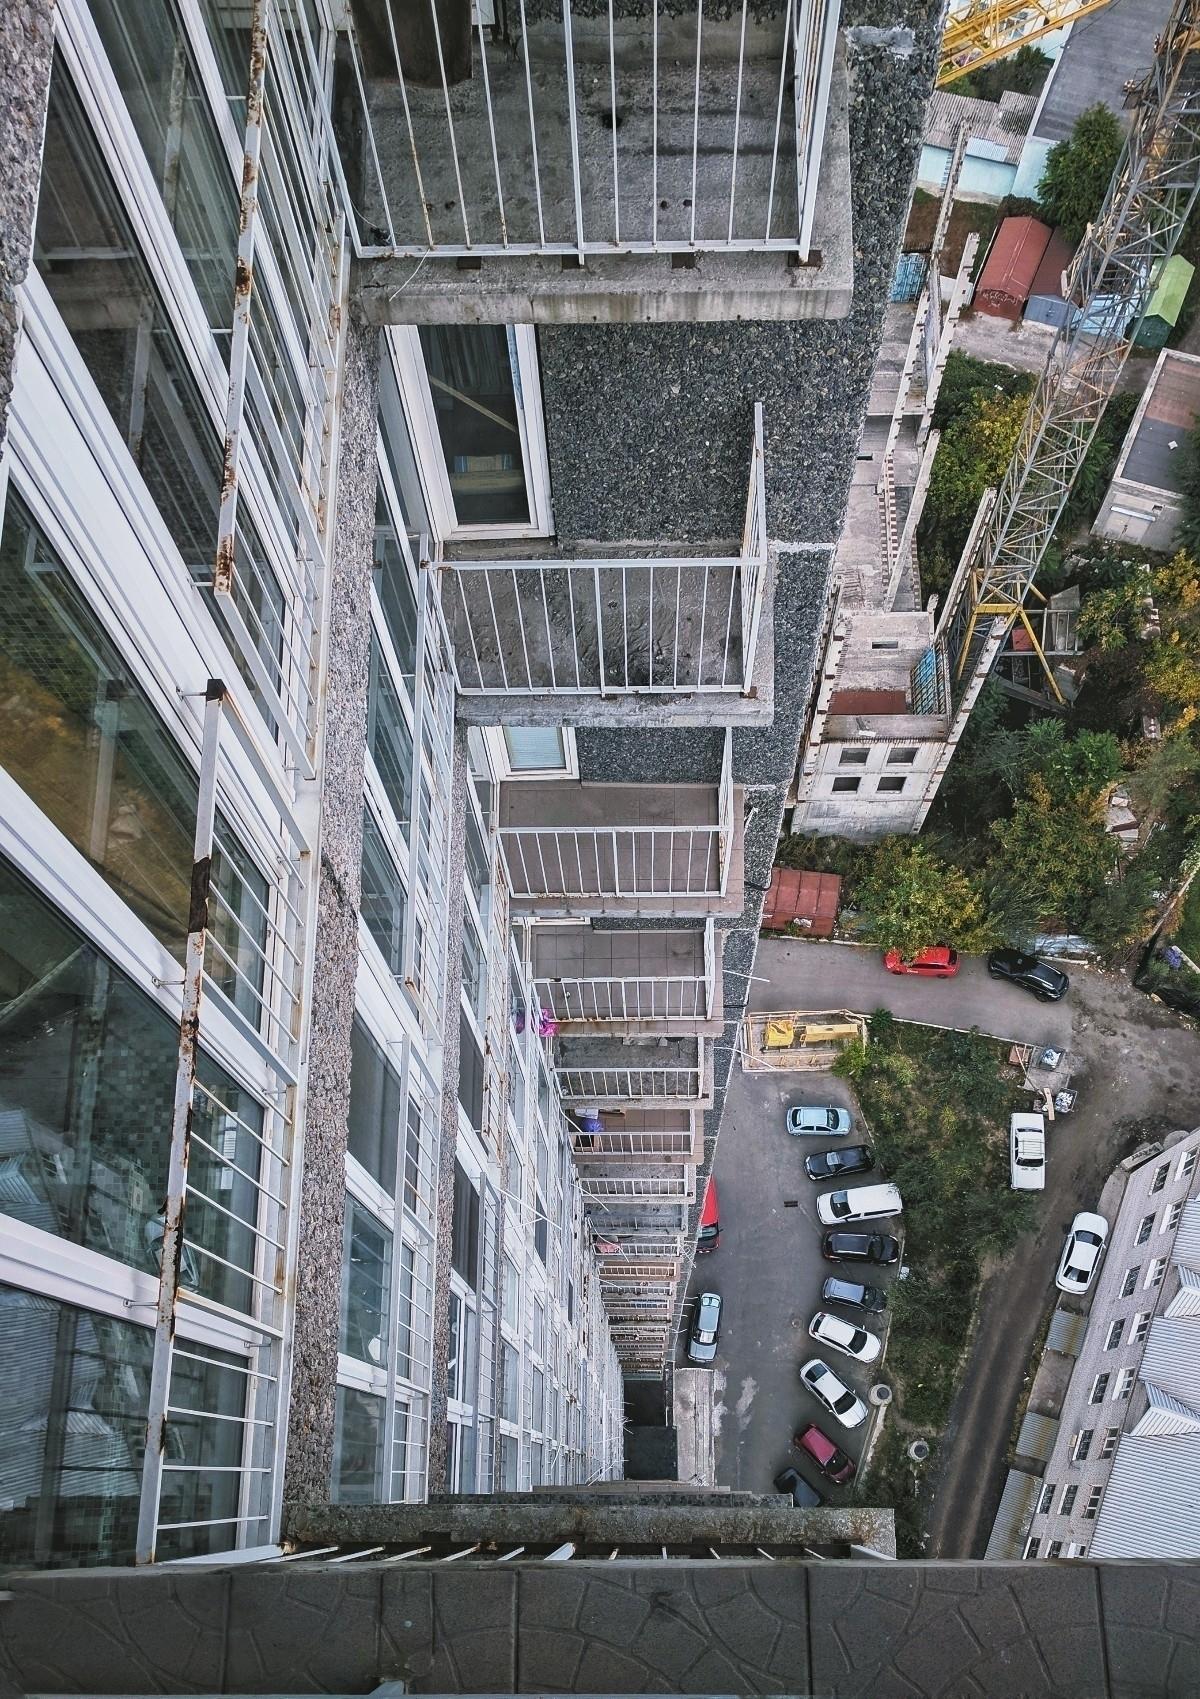 perspective, architecture - oblepiha | ello